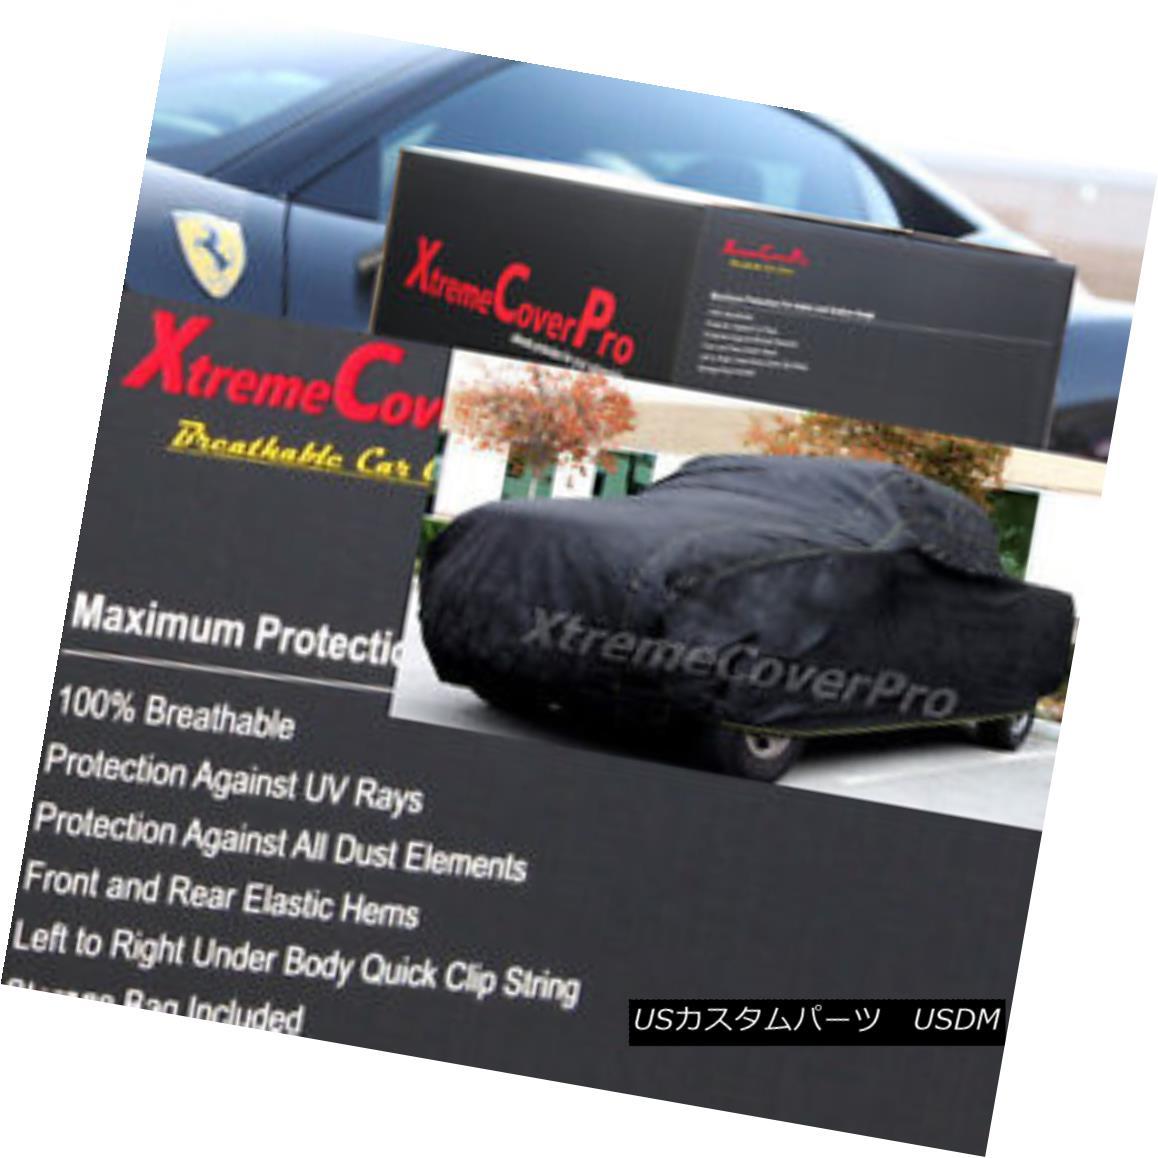 ずっと気になってた カーカバー Chevy 2001 2002 Chevy 8ft Silverado 1500 Ext カーカバー Cab 8ft Long Bed Breathable Truck Cover 2001年2002シボレーシルバラード1500エクステンションキャブ8ftロングベッド通気性トラックカバー, ミハルマチ:9f67af01 --- aptapi.tarjetaferia.com.mx